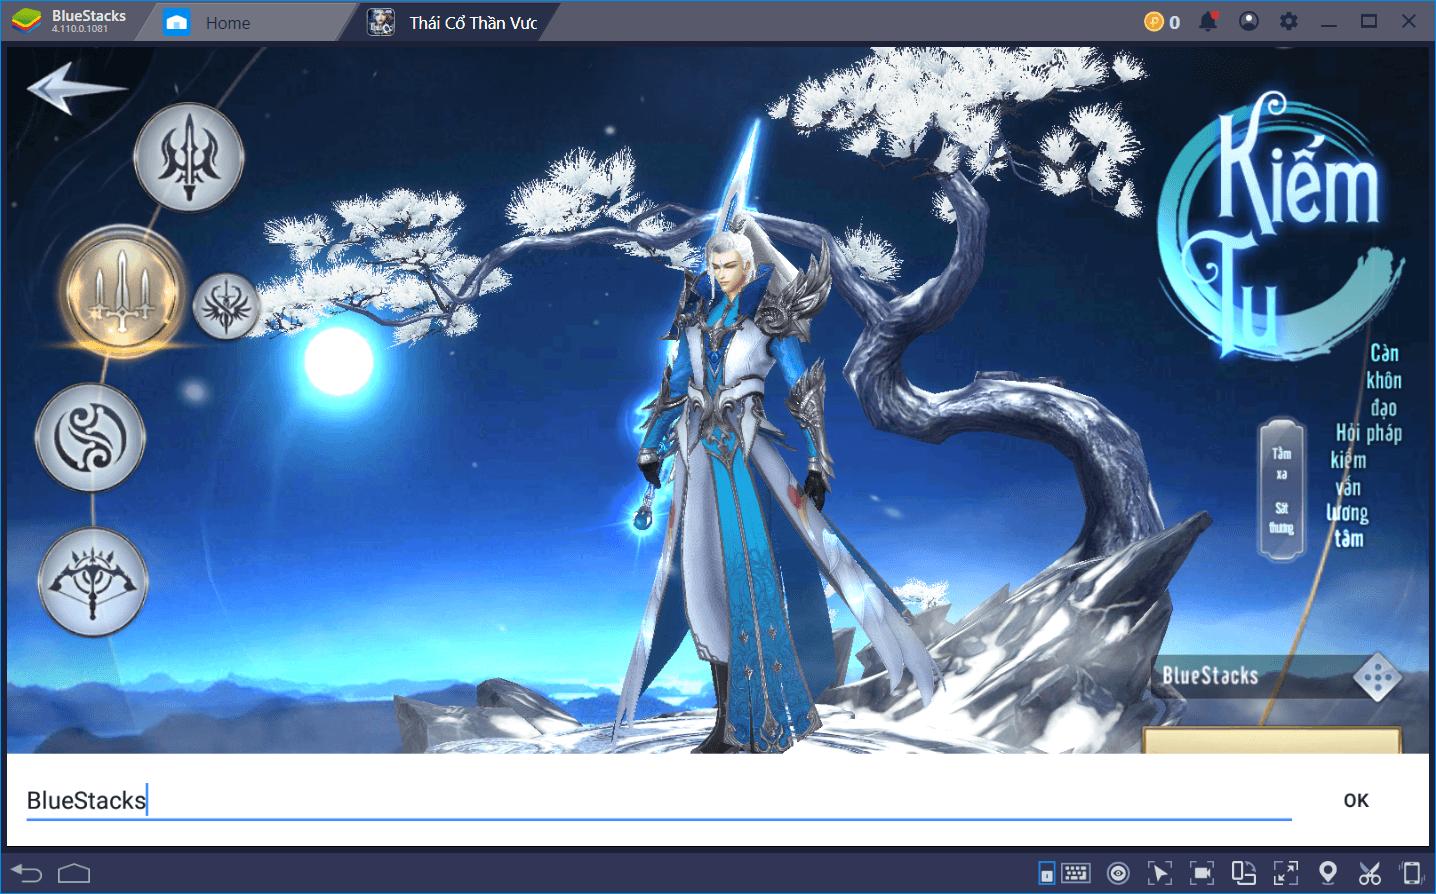 Chơi Thái Cổ Thần Vương trên PC mượt mà hơn với BlueStacks